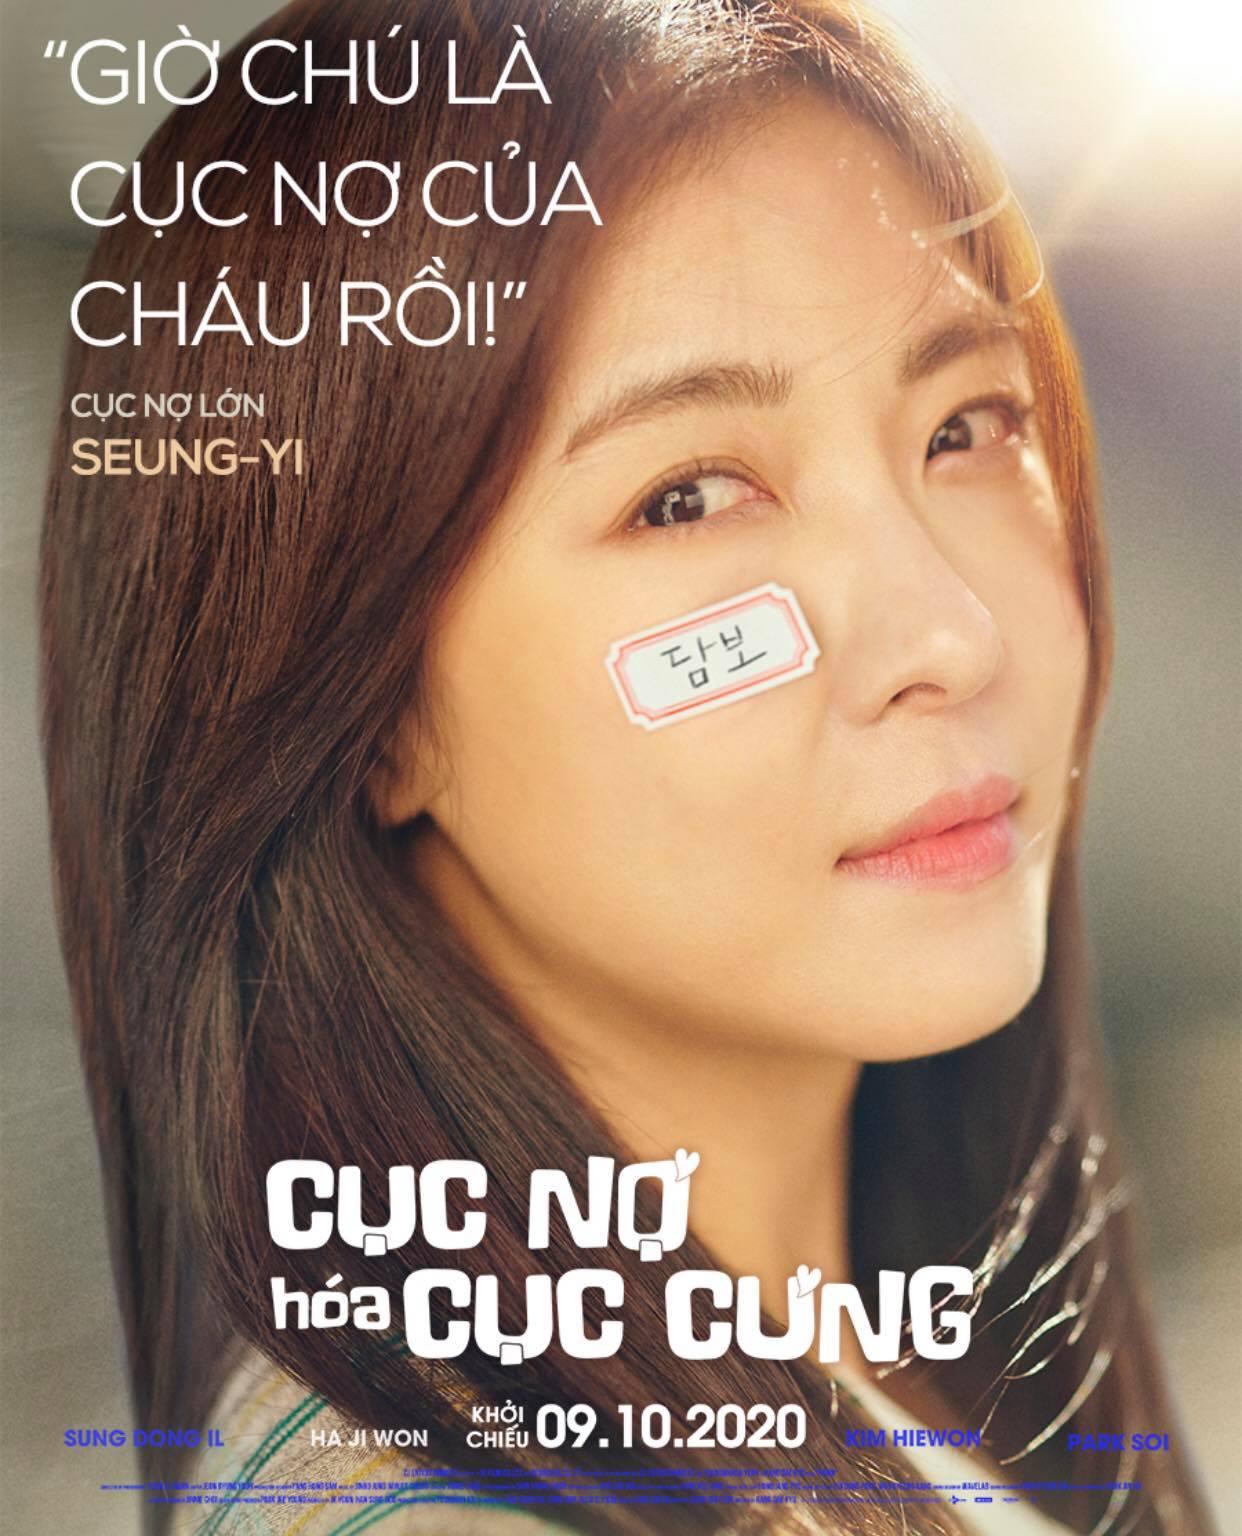 'Cục Nợ Hoá Cục Cưng': Cô bé Park Soi đã vượt qua 300 bạn đồng trang lứa để có trong tay vai diễn để đời Seung-yi 3